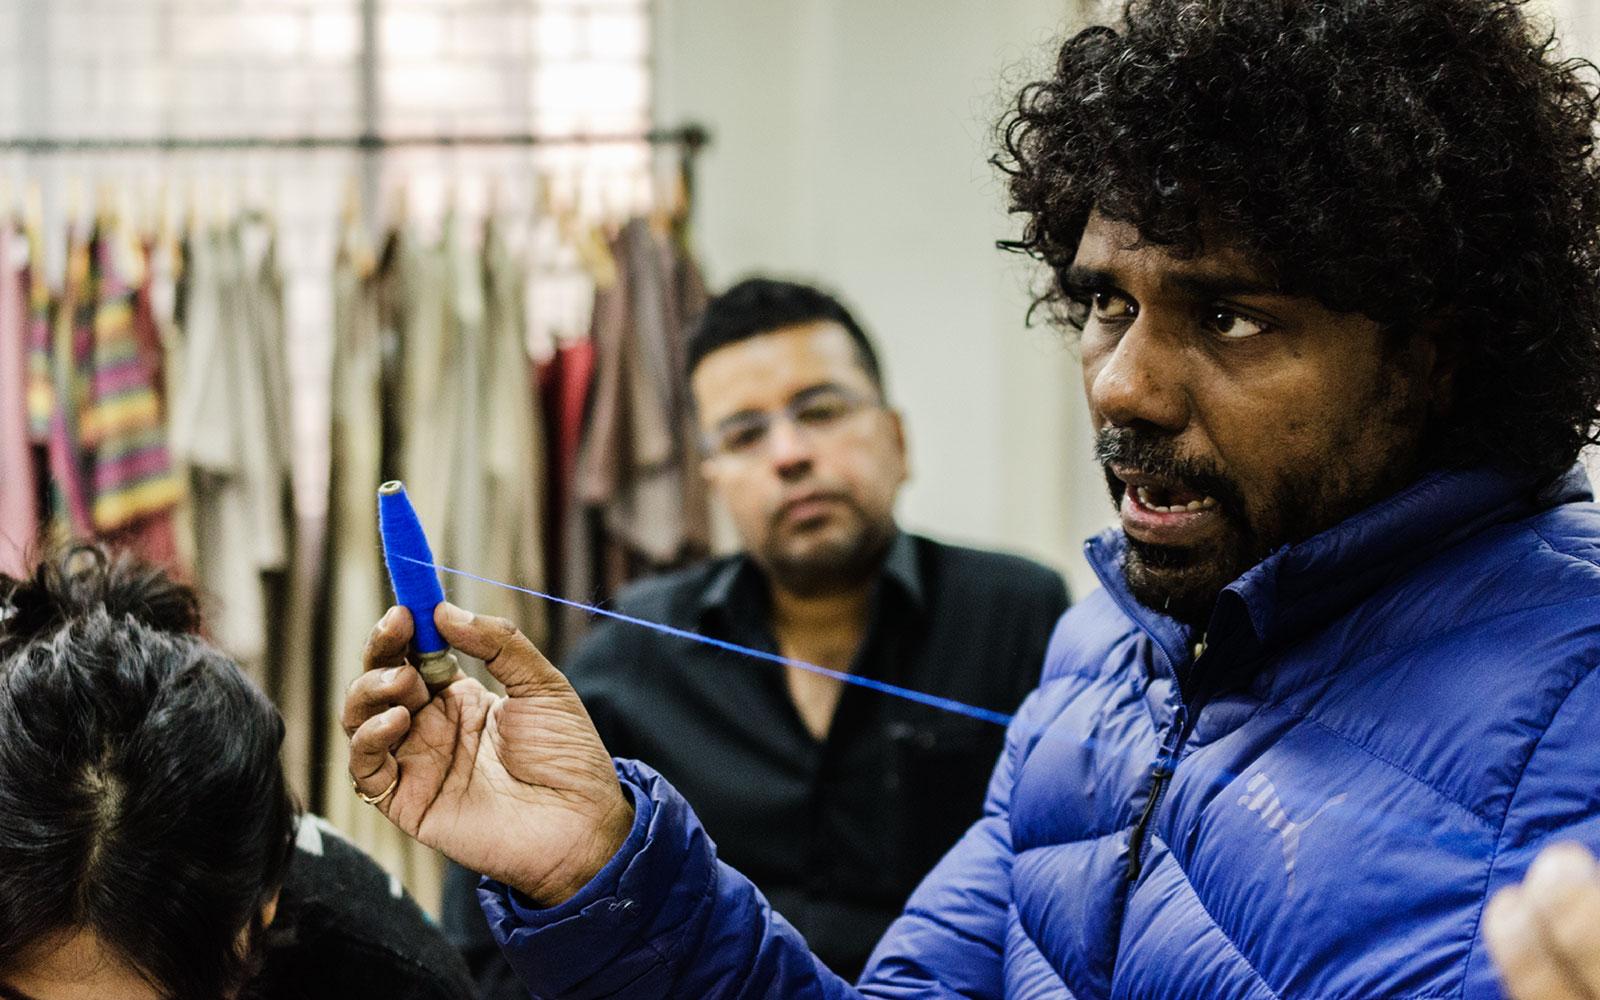 Designer-maker Gaurav Jai Gupta takes an engrossed audience through his creative process